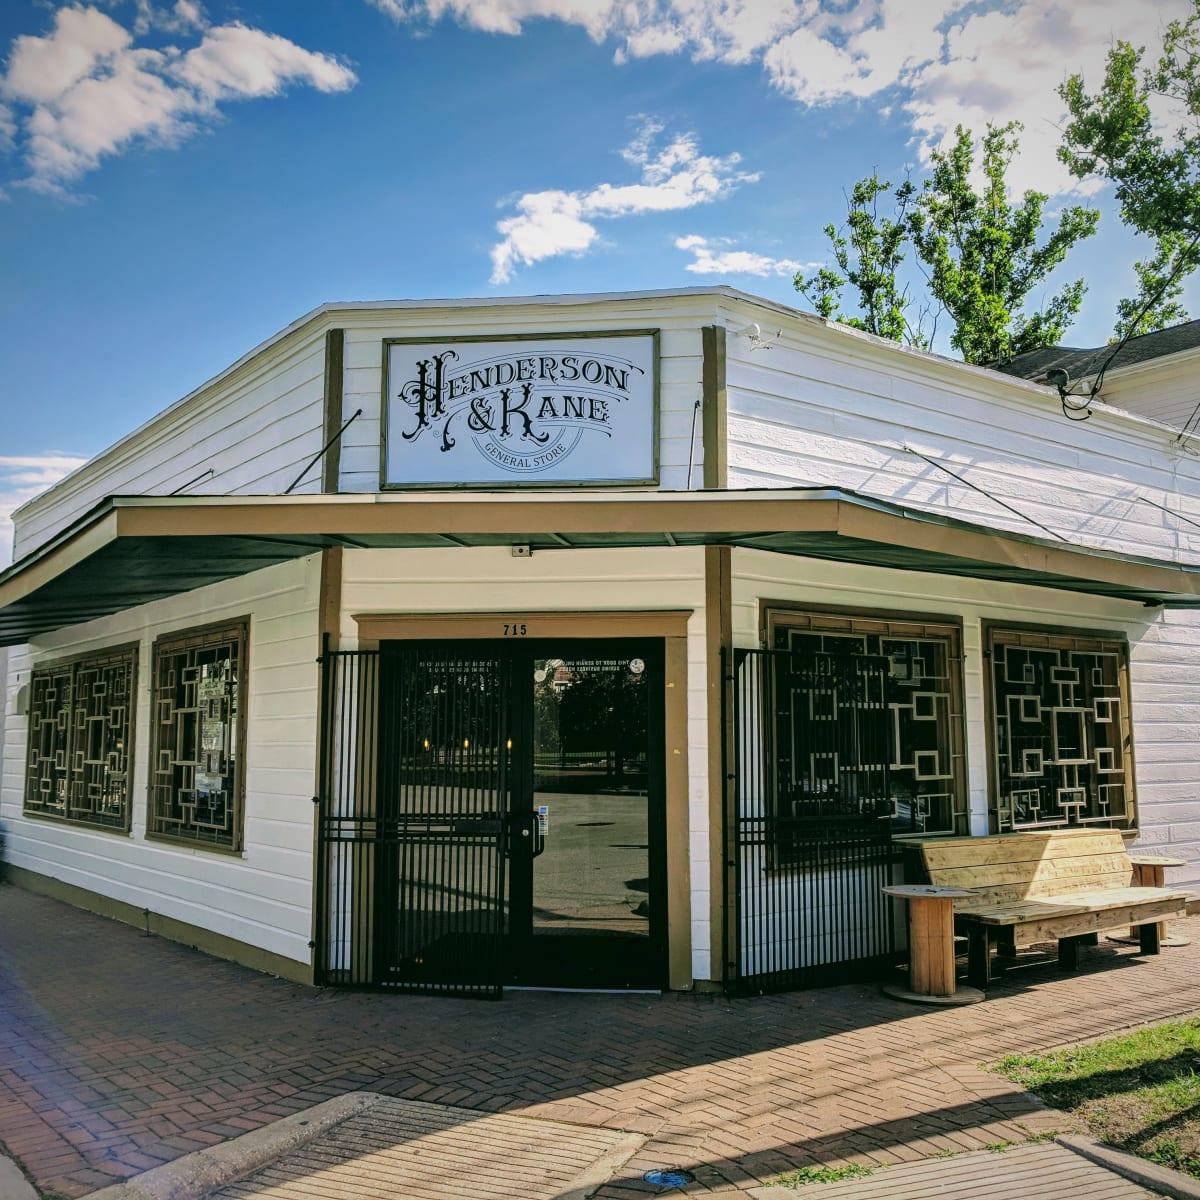 Henderson & Kane store front Veronica John Avila